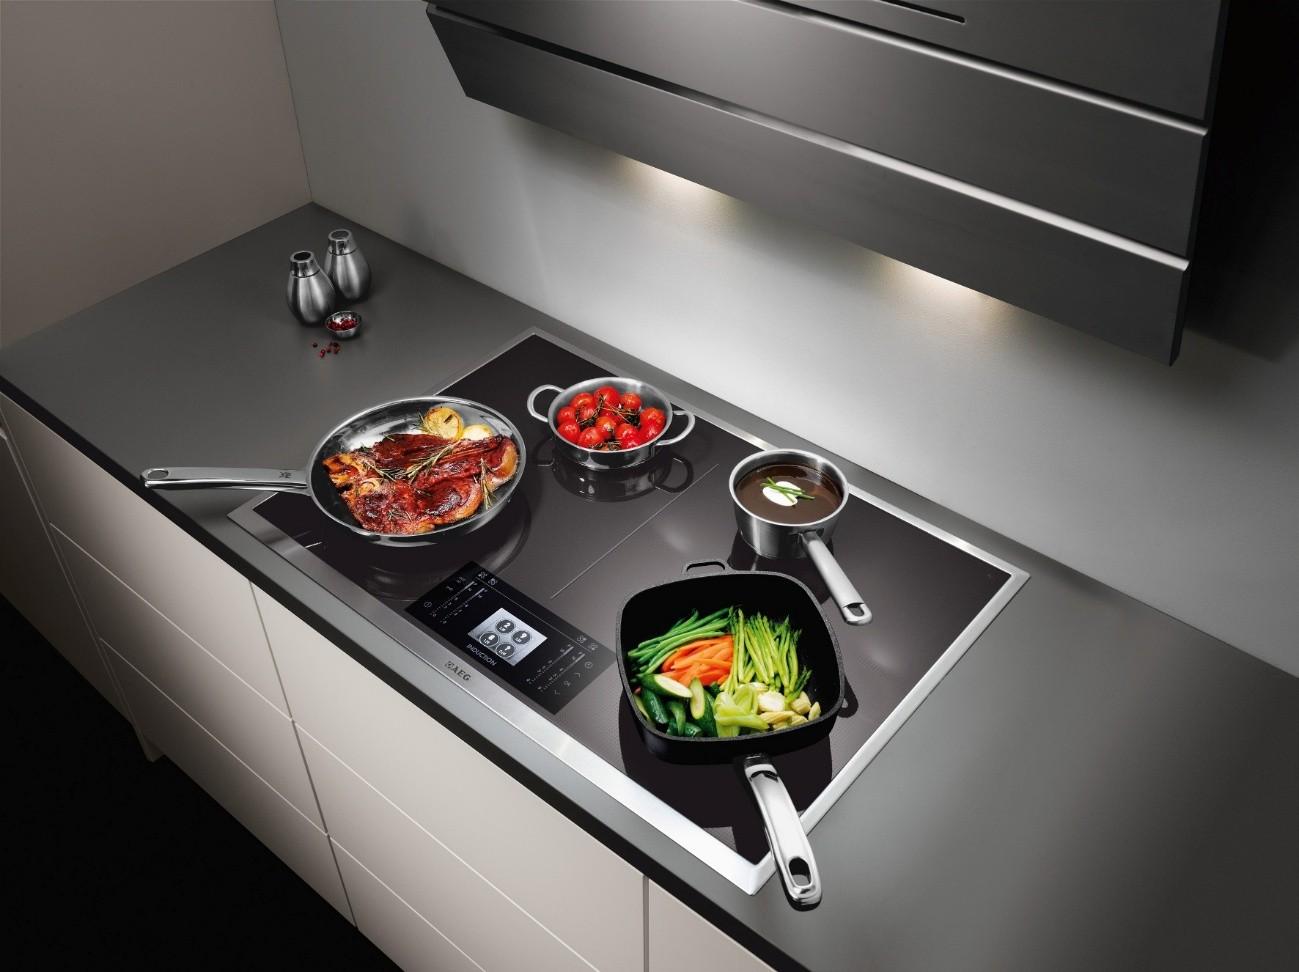 hình ảnh bếp điện hồng ngoại Teka TR 831 HZ HK 1306